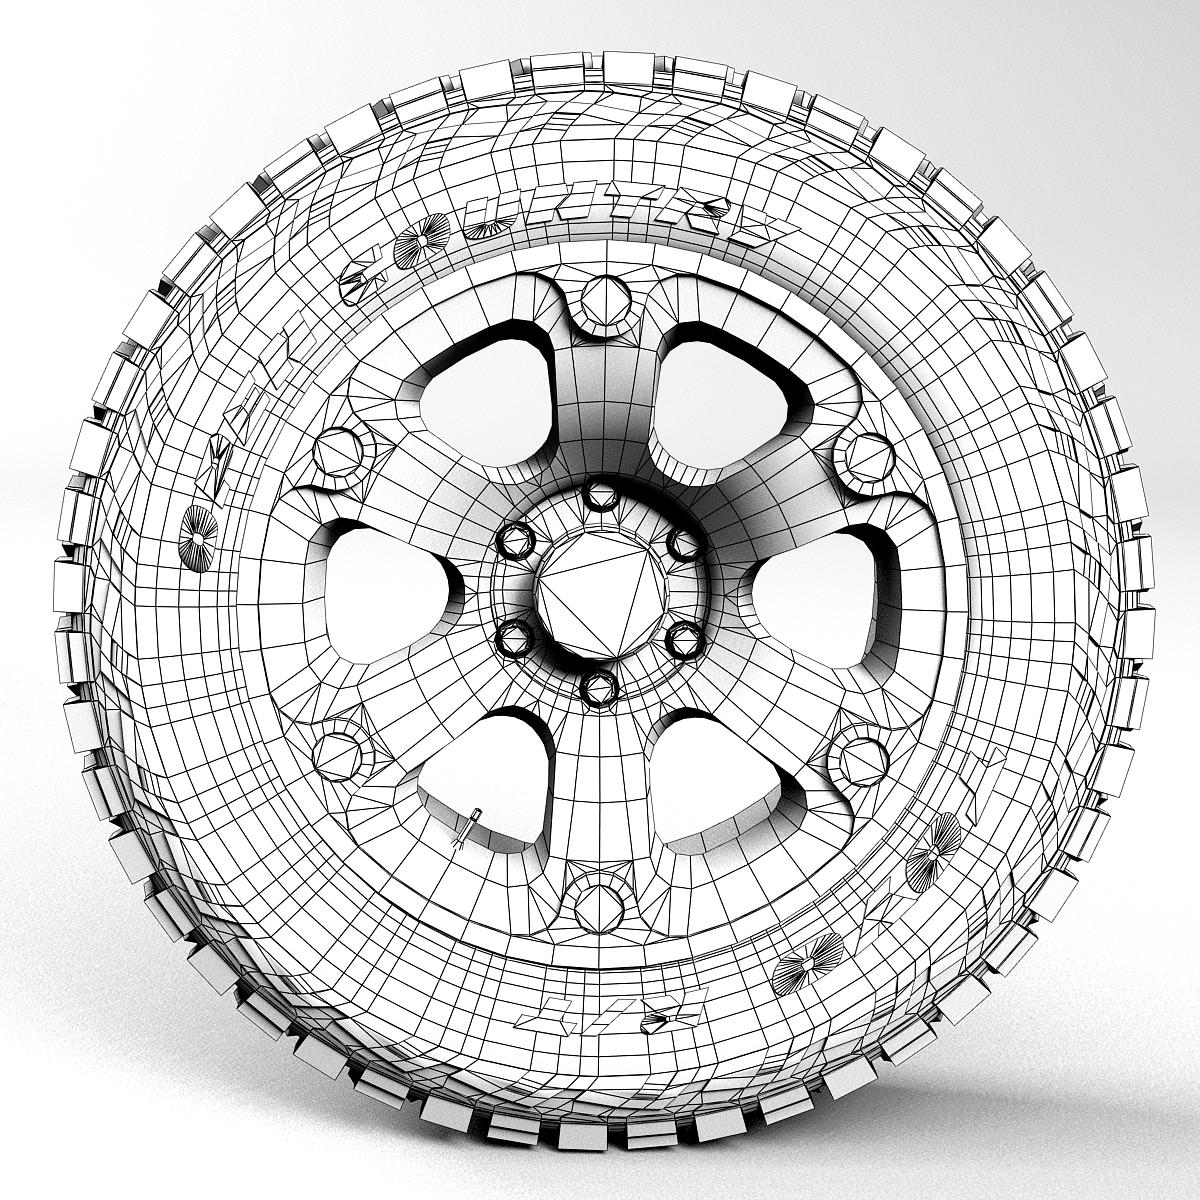 off road wheel and tire 2 3d model 3ds max fbx tga targa icb vda vst pix obj 224425